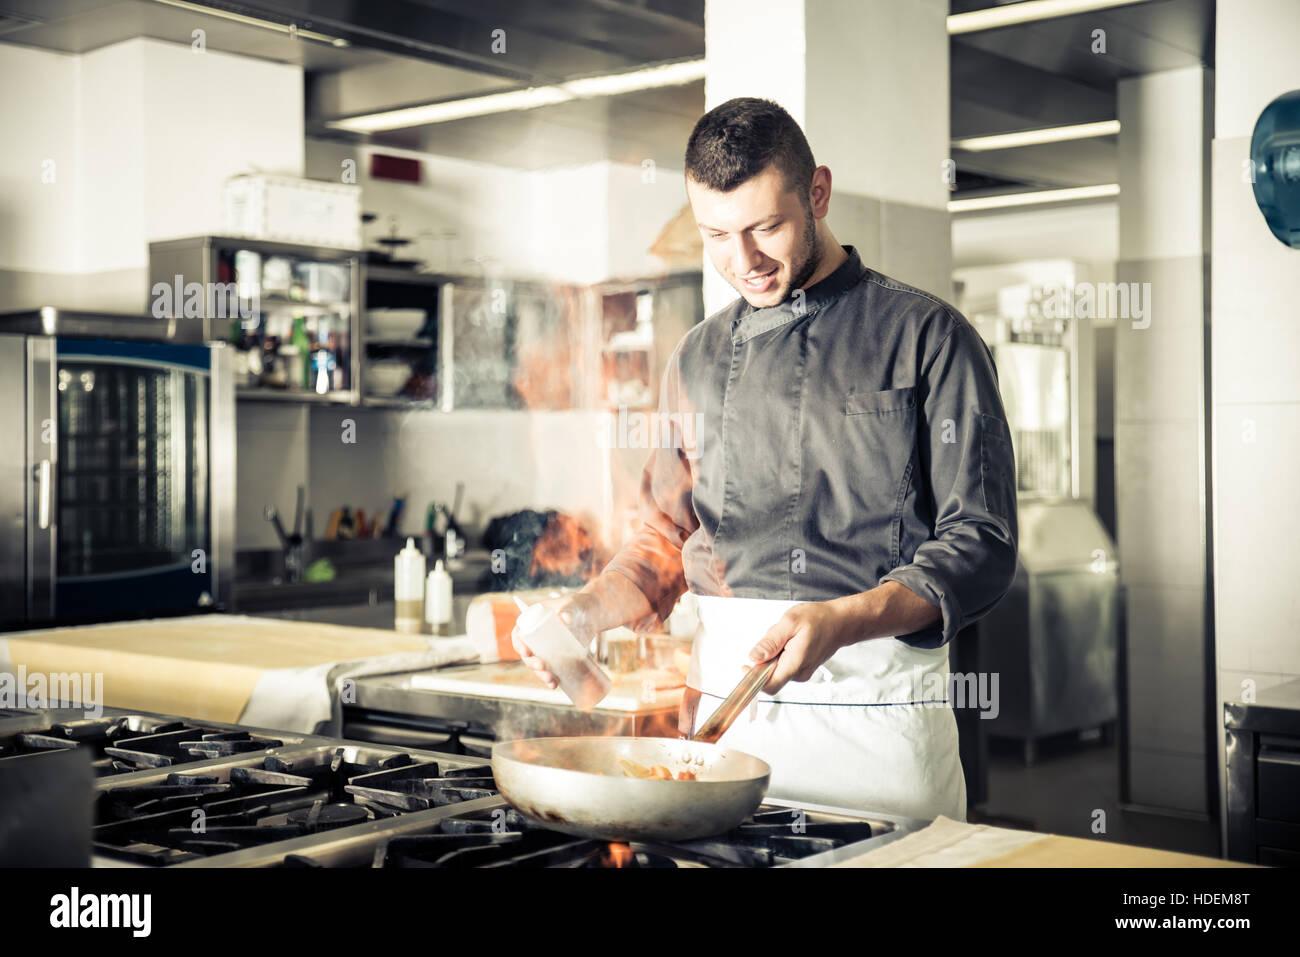 Küchenchef im Hotel oder Restaurant Küche arbeiten und